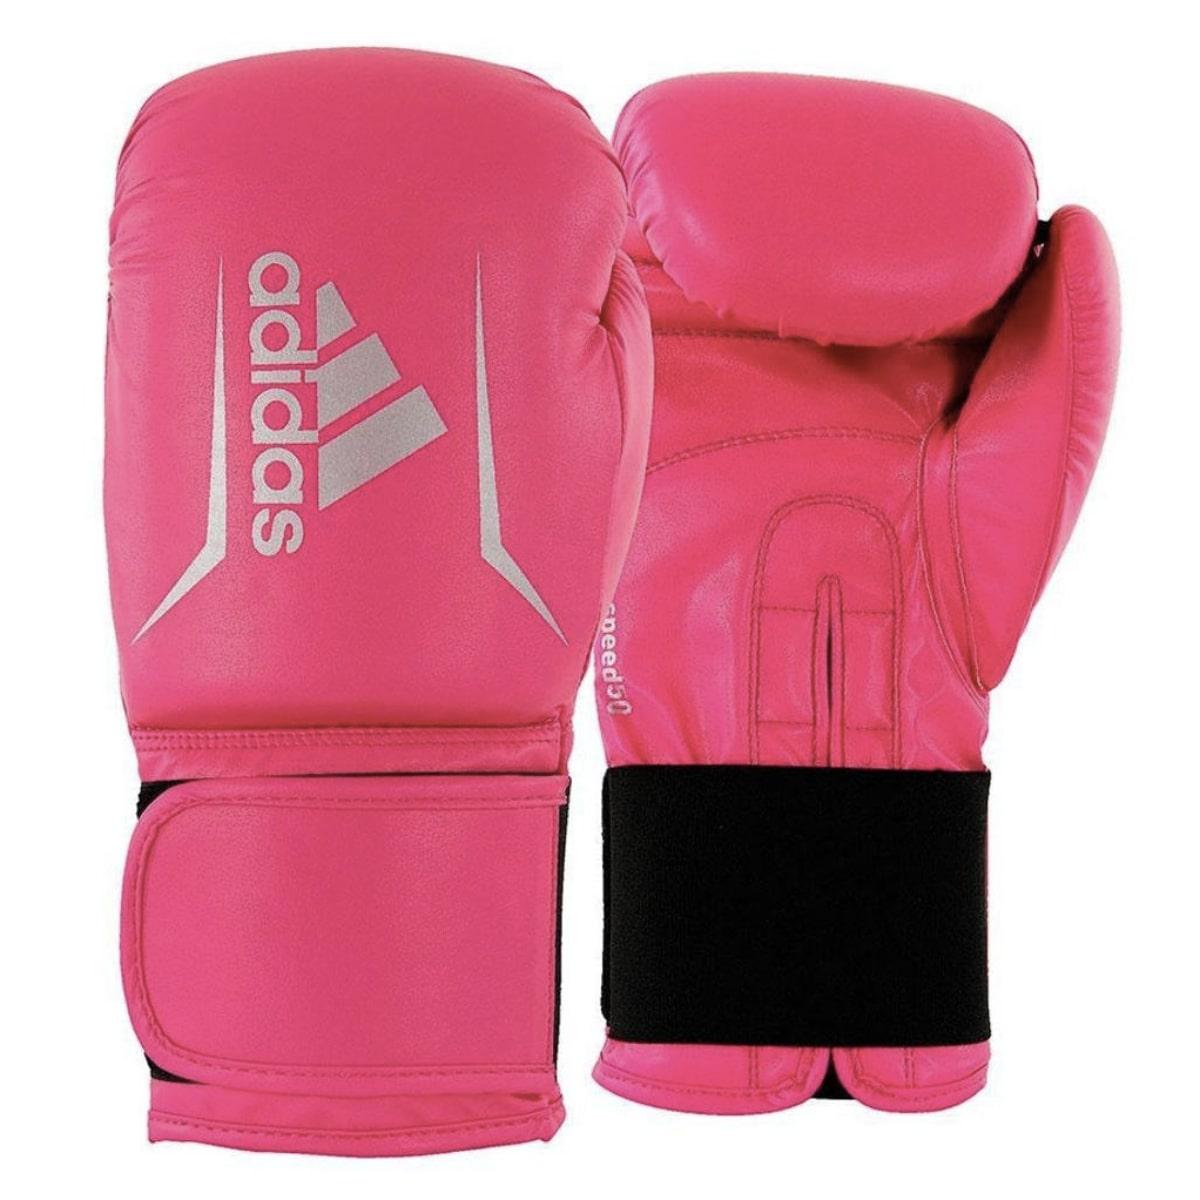 Kit Boxe Adidas Speed 50: Luva + Bandagem + Bucal - Rosa